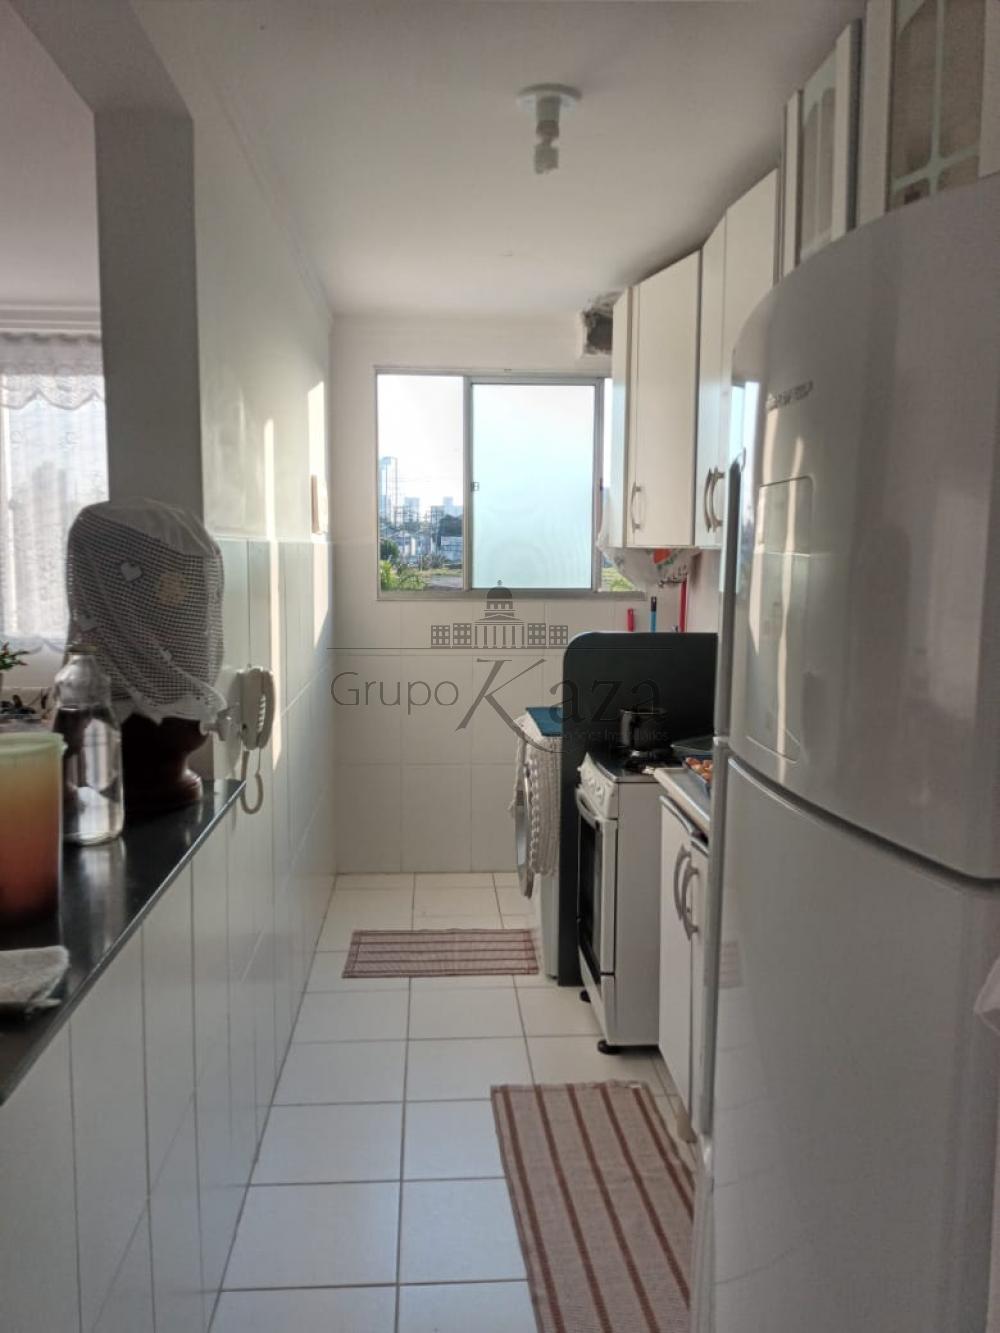 alt='Comprar Apartamento / Cobertura Duplex em São José dos Campos R$ 372.000,00 - Foto 3' title='Comprar Apartamento / Cobertura Duplex em São José dos Campos R$ 372.000,00 - Foto 3'